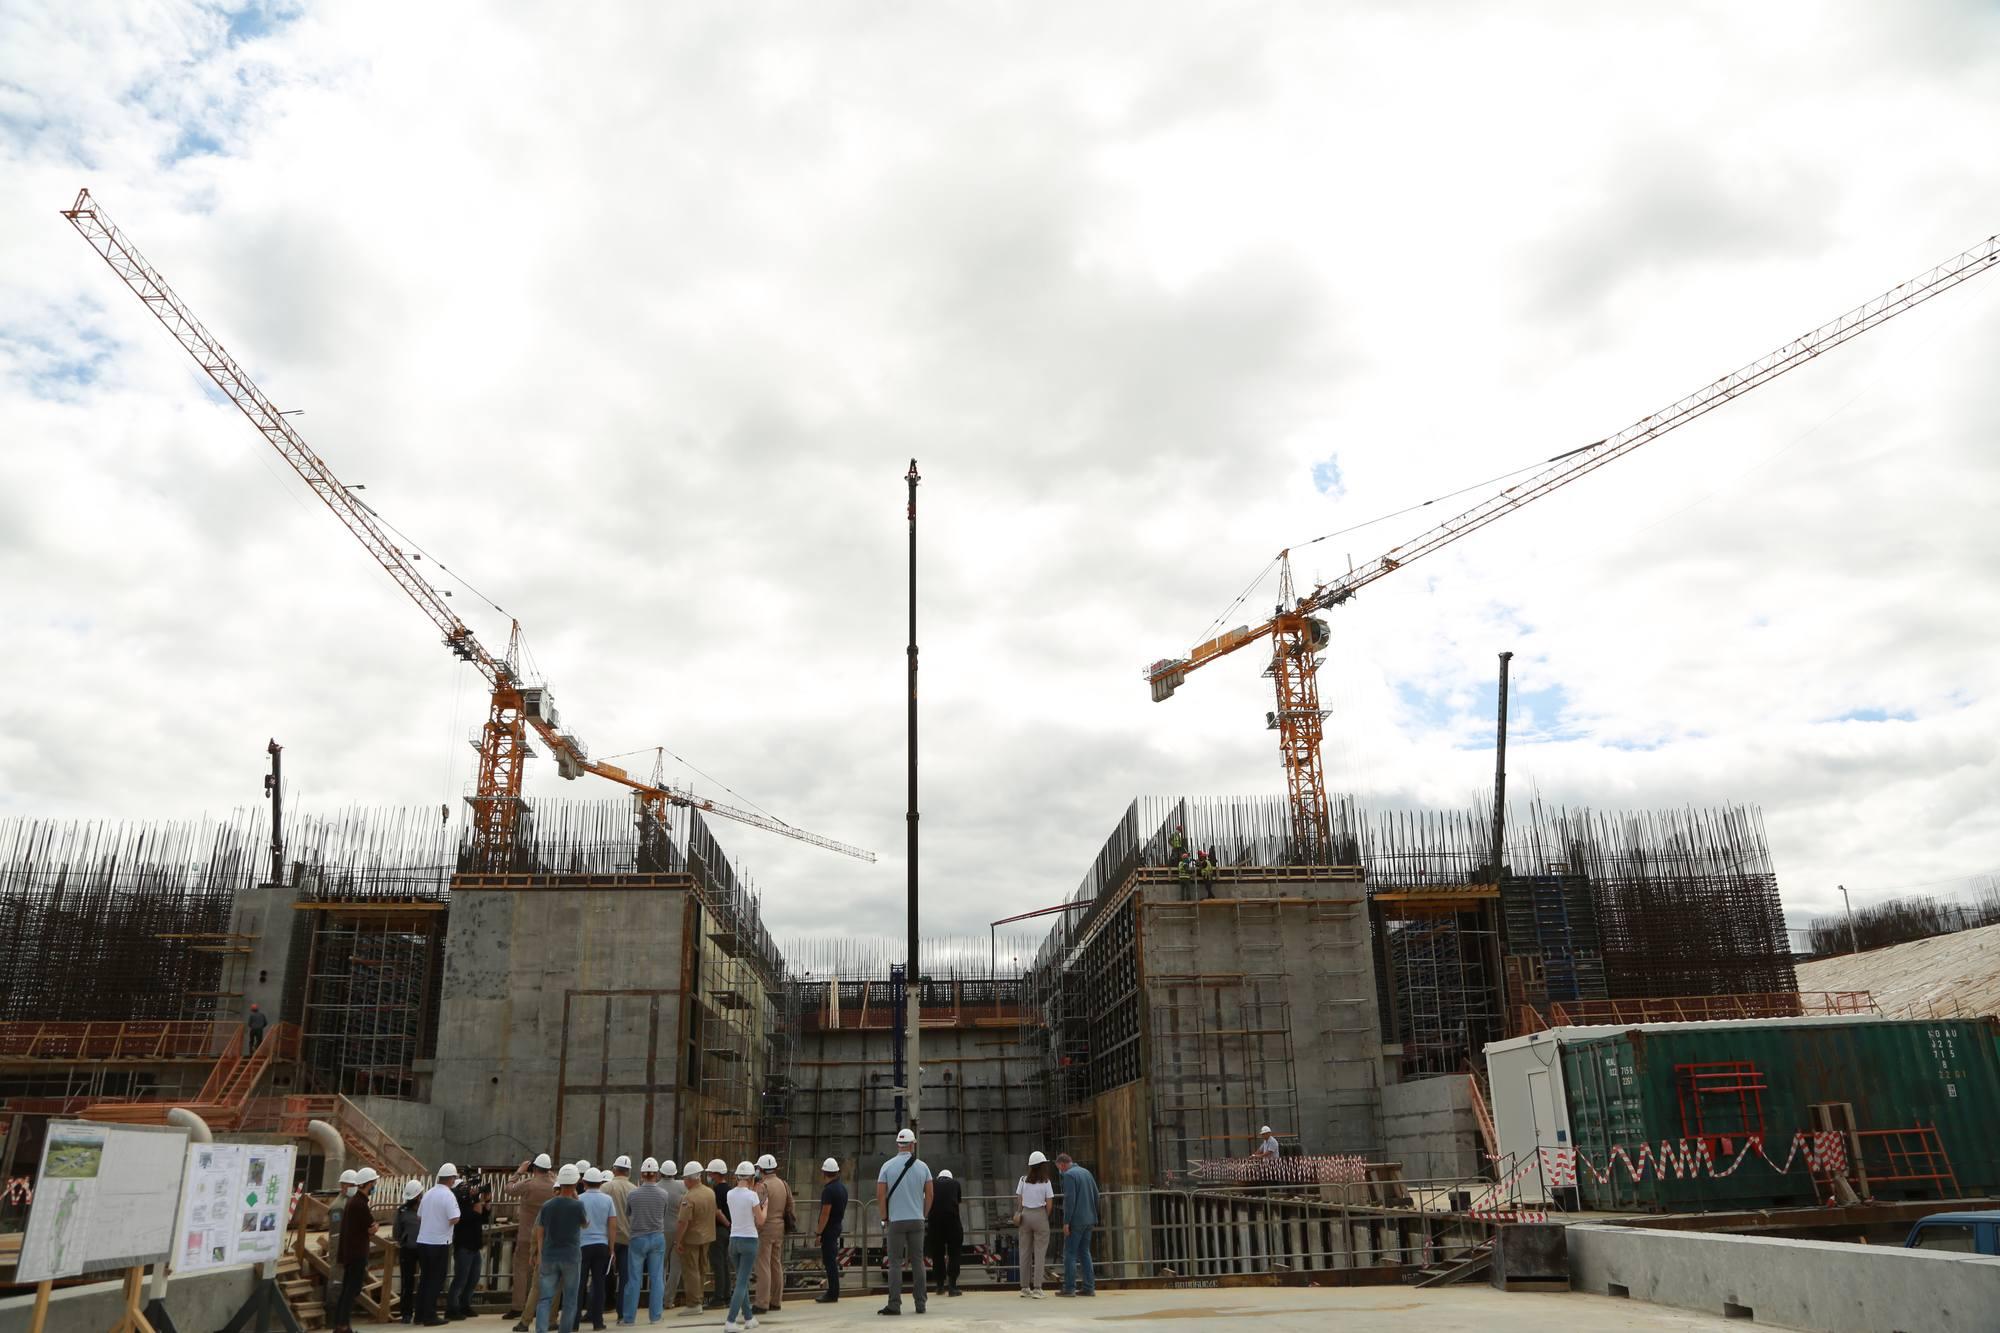 Les visiteurs observent la progression des travaux.